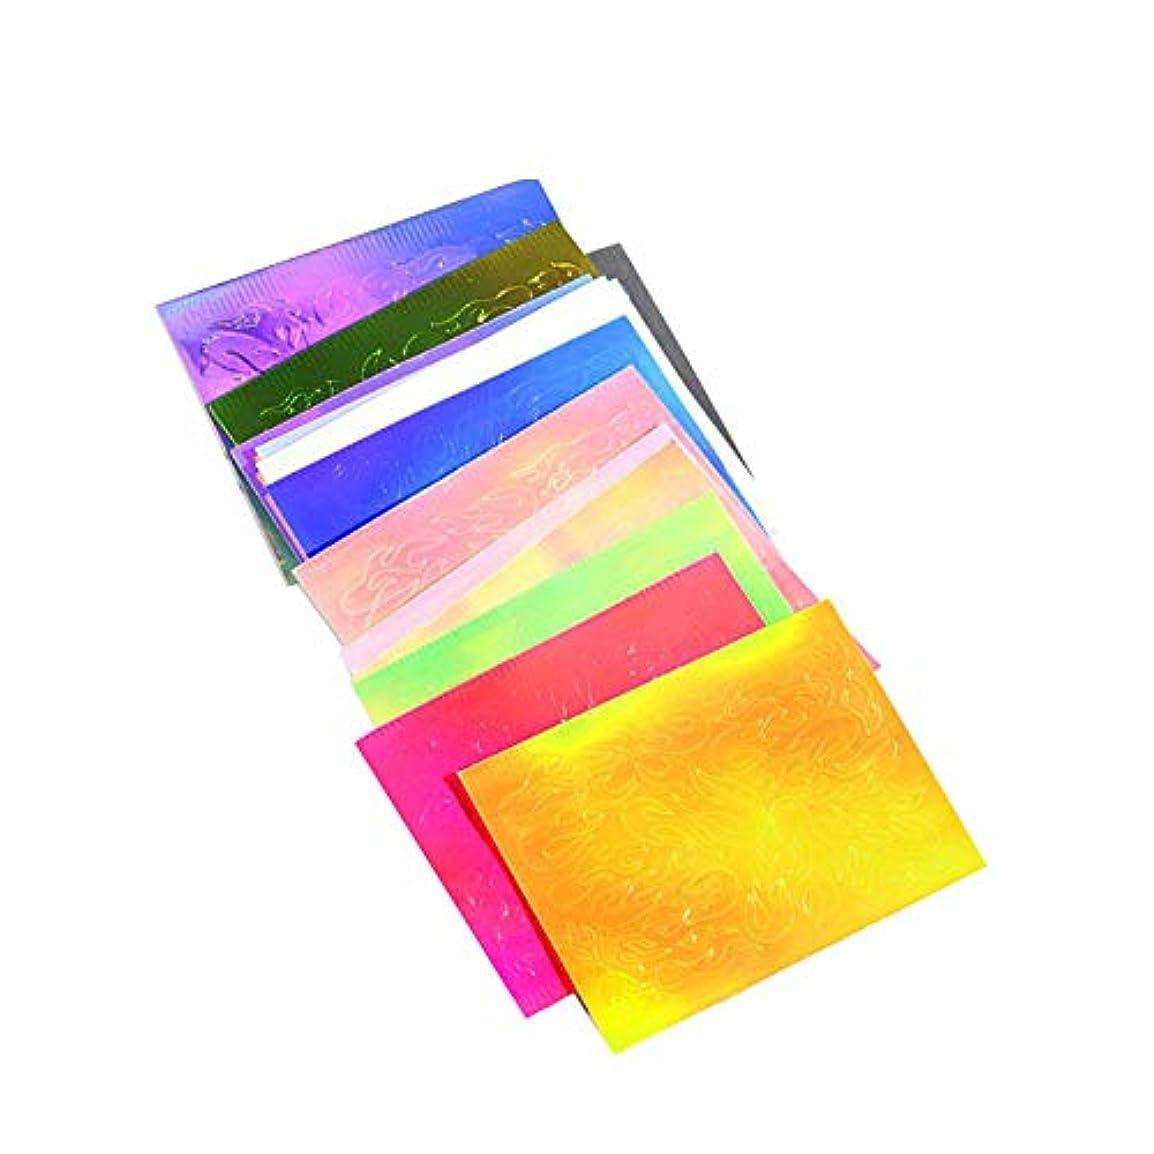 感じ退屈させる読み書きのできない16色の3Dネイル作成ネイル接着剤装飾ステッカーファントム炎のネイルアートステッカー16個の光沢のあるネイルチップの多機能テープ付き